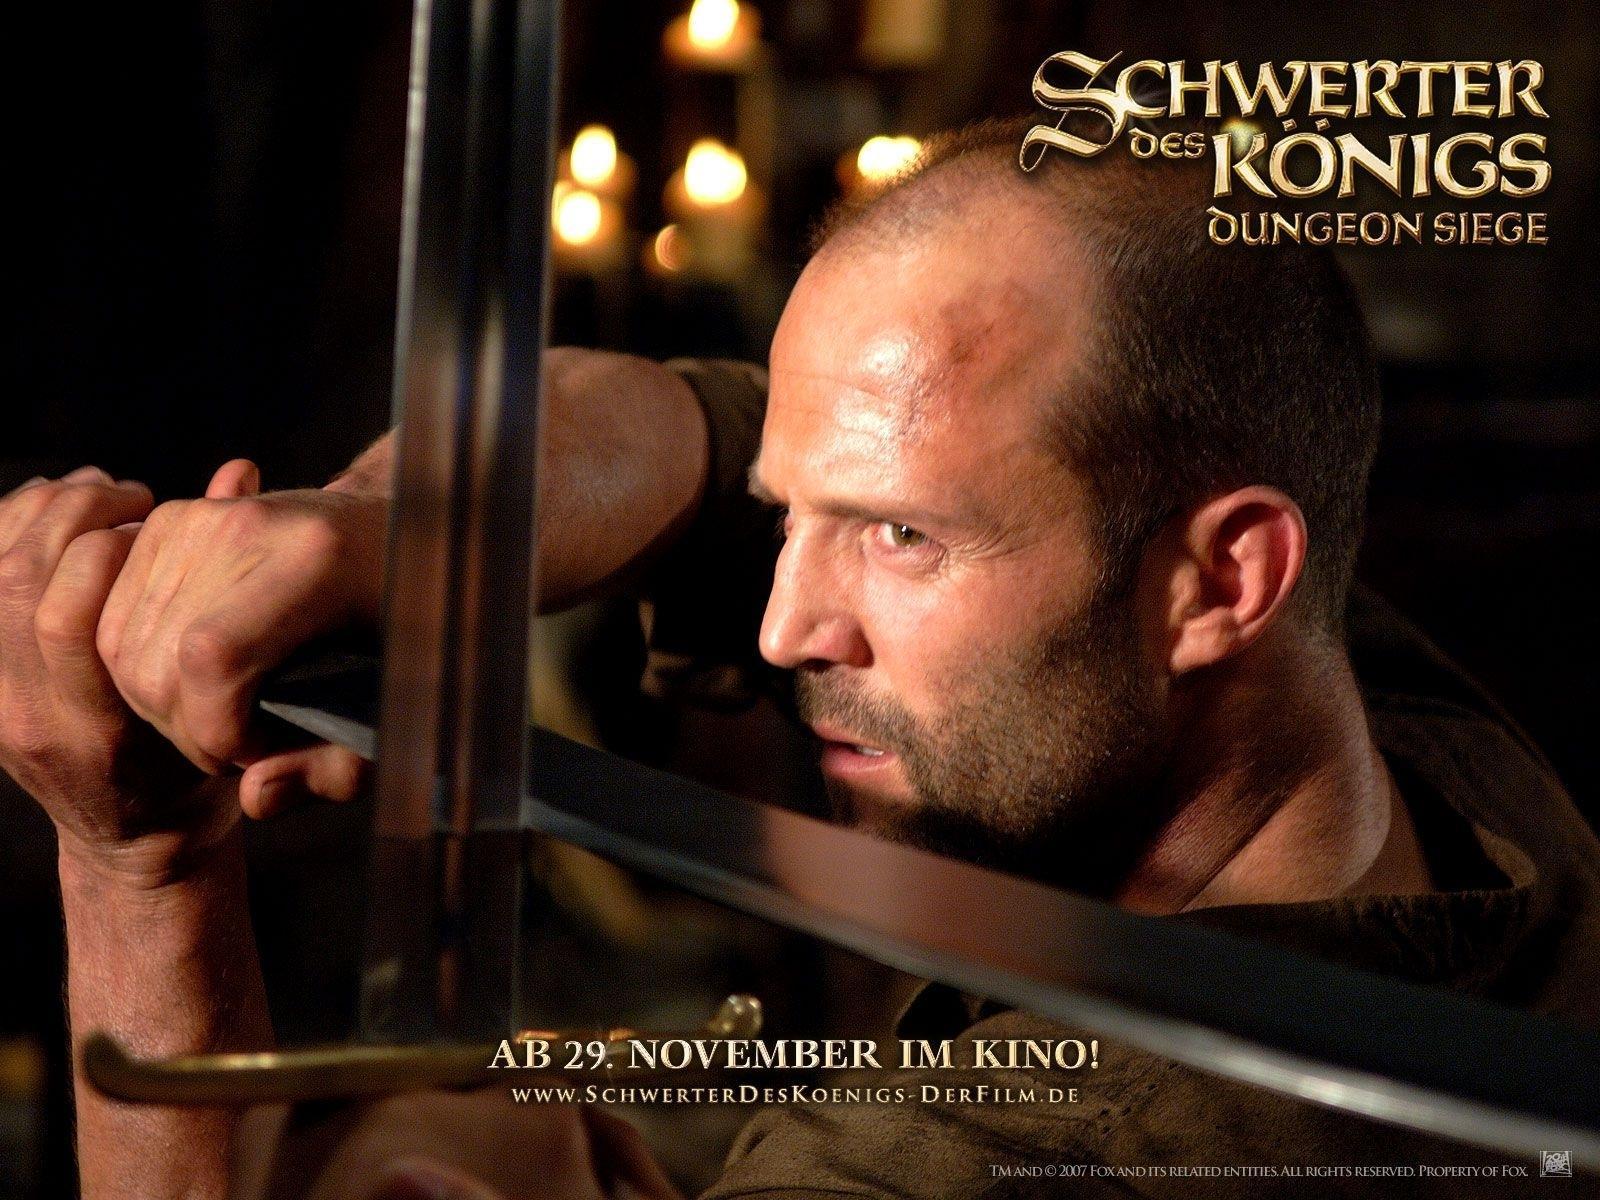 Обои для рабочего стола Во имя короля: История осады подземелья Фильмы кино